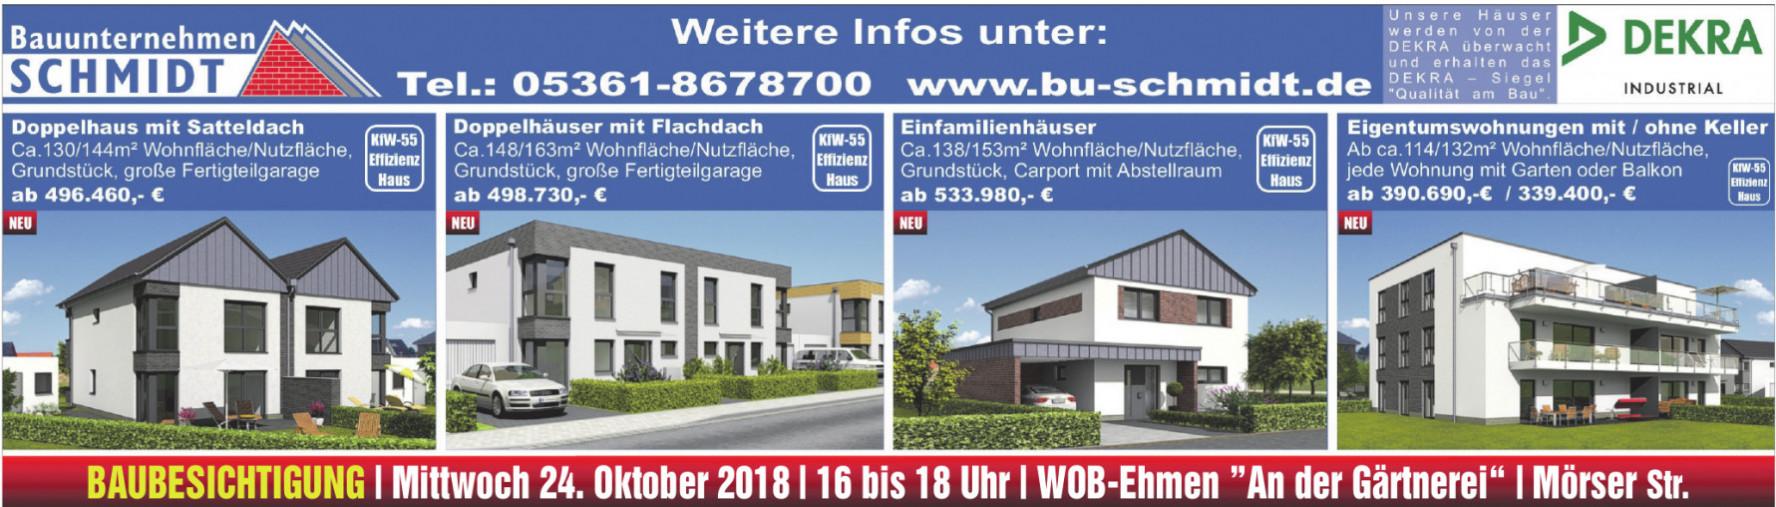 Bauunternehmen Schmidt